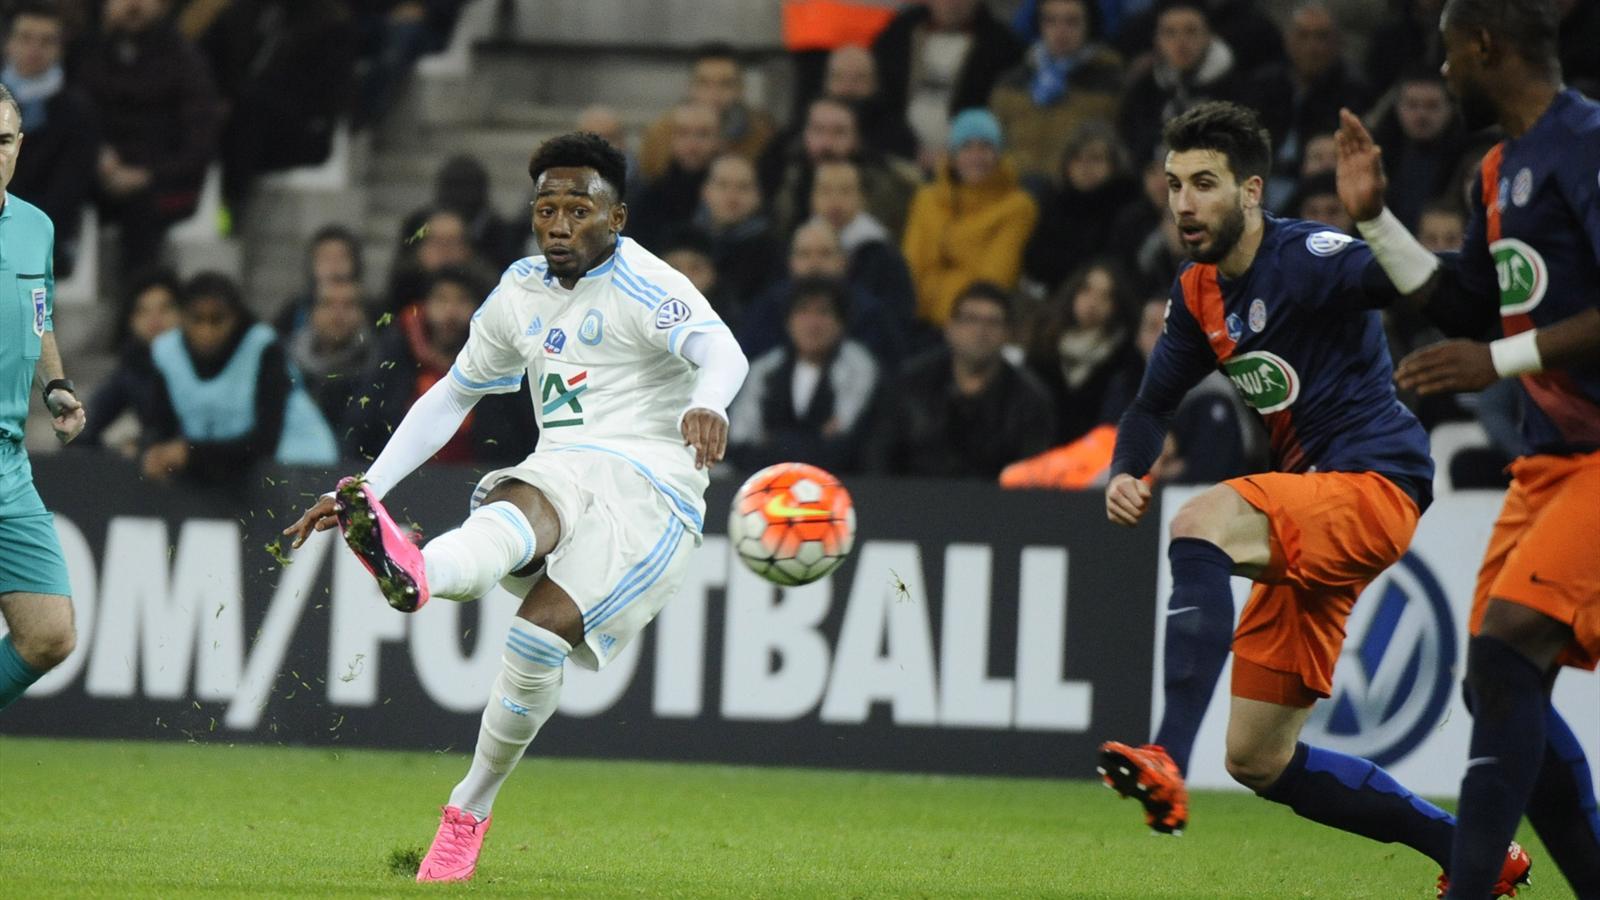 En direct live om montpellier coupe de france 20 - Resultats coupe de france football 2015 ...